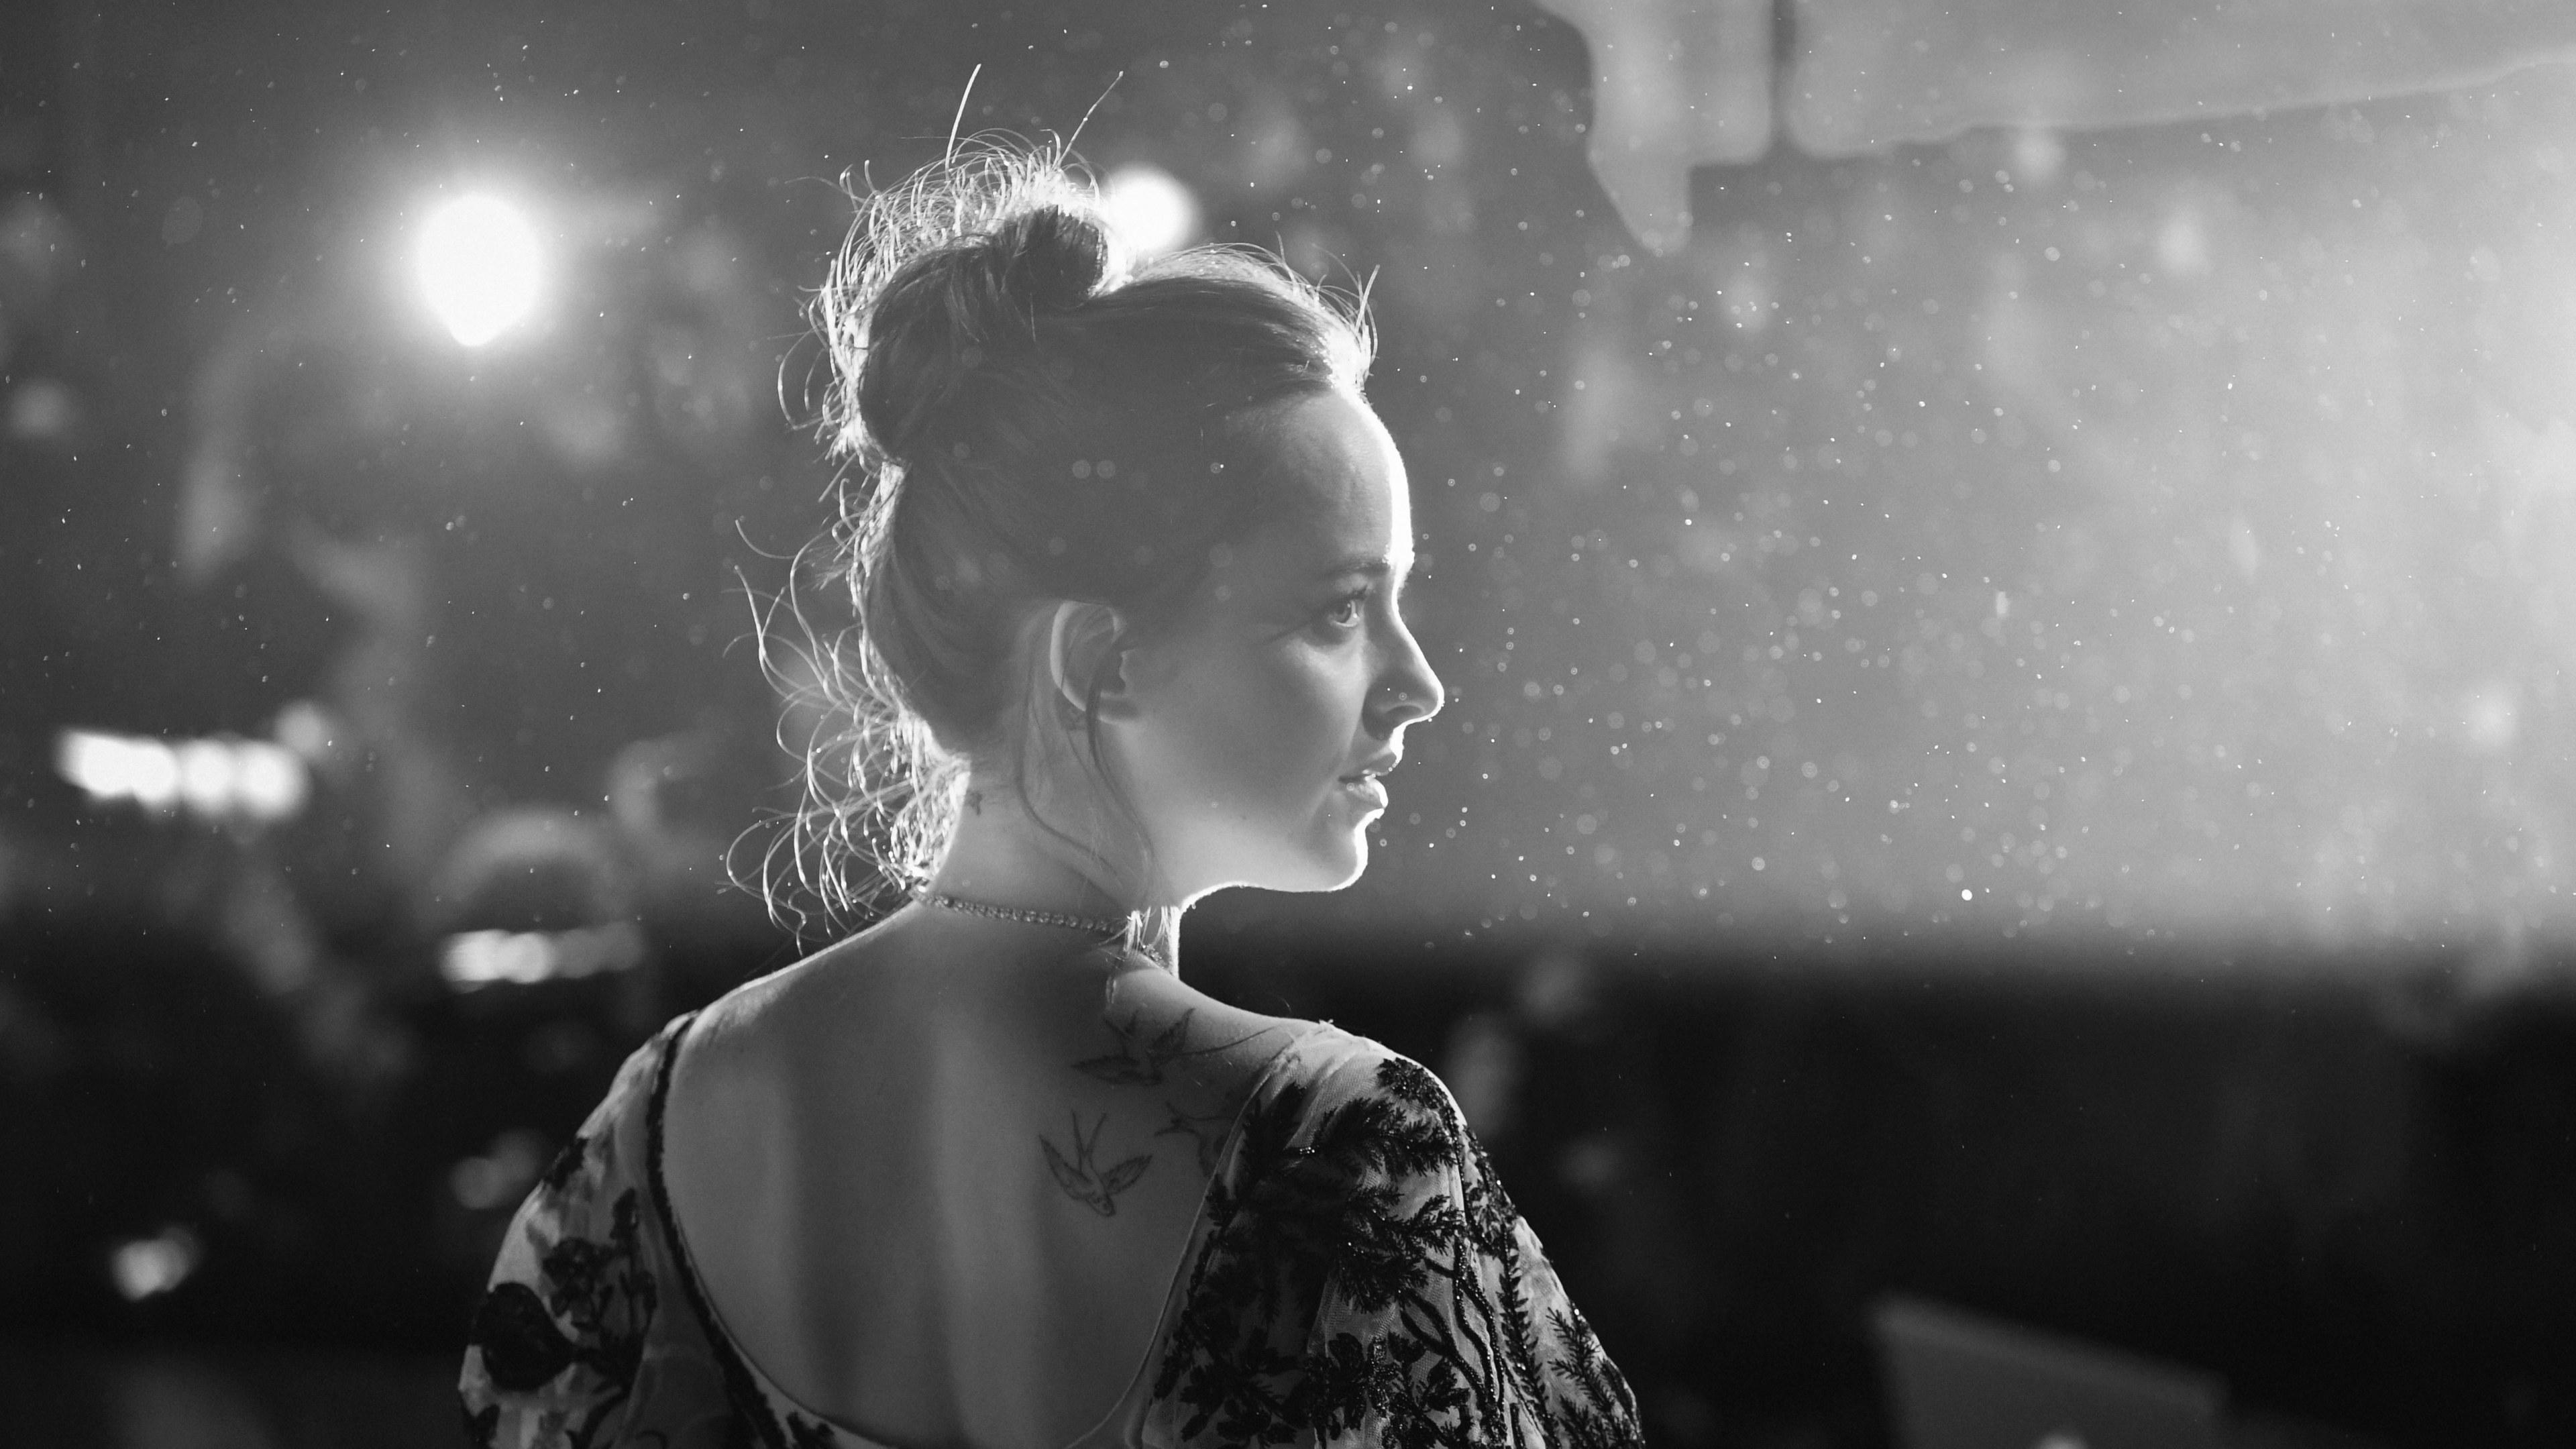 dakota johnson black and white 5k 1536862117 - Dakota Johnson Black And White 5k - monochrome wallpapers, hd-wallpapers, girls wallpapers, dakota johnson wallpapers, celebrities wallpapers, black and white wallpapers, 5k wallpapers, 4k-wallpapers